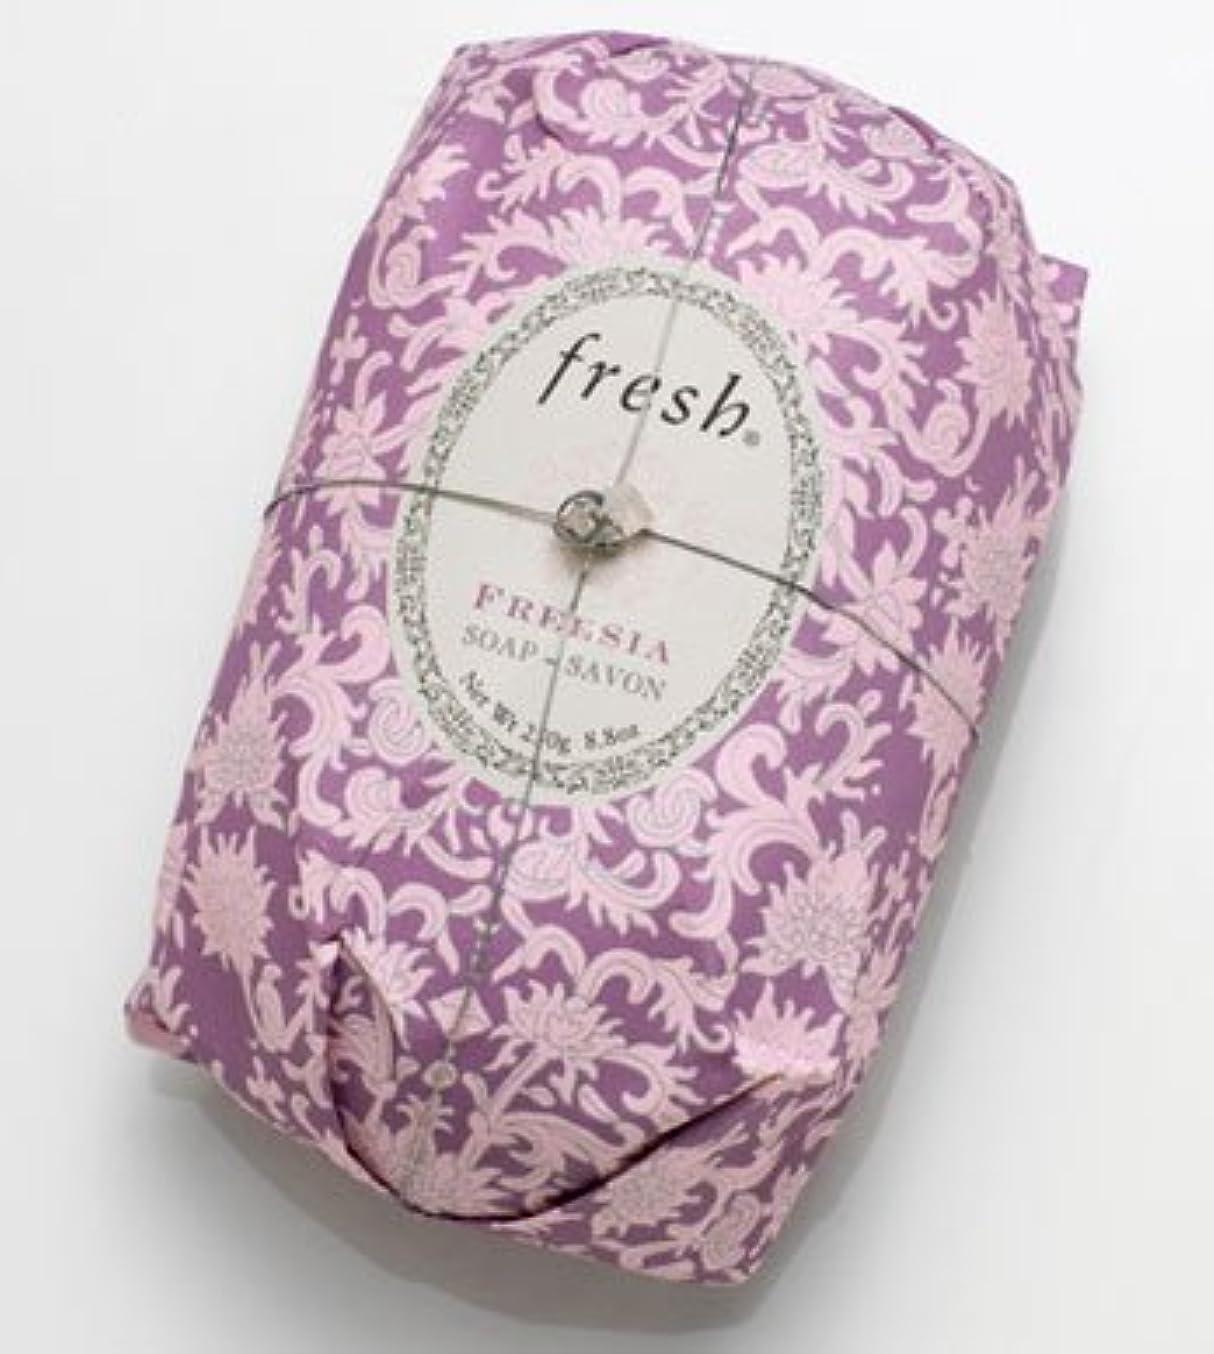 非公式踊り子丈夫Fresh FREESIA  SOAP (フレッシュ フリージア ソープ) 8.8 oz (250g) Soap (石鹸) by Fresh